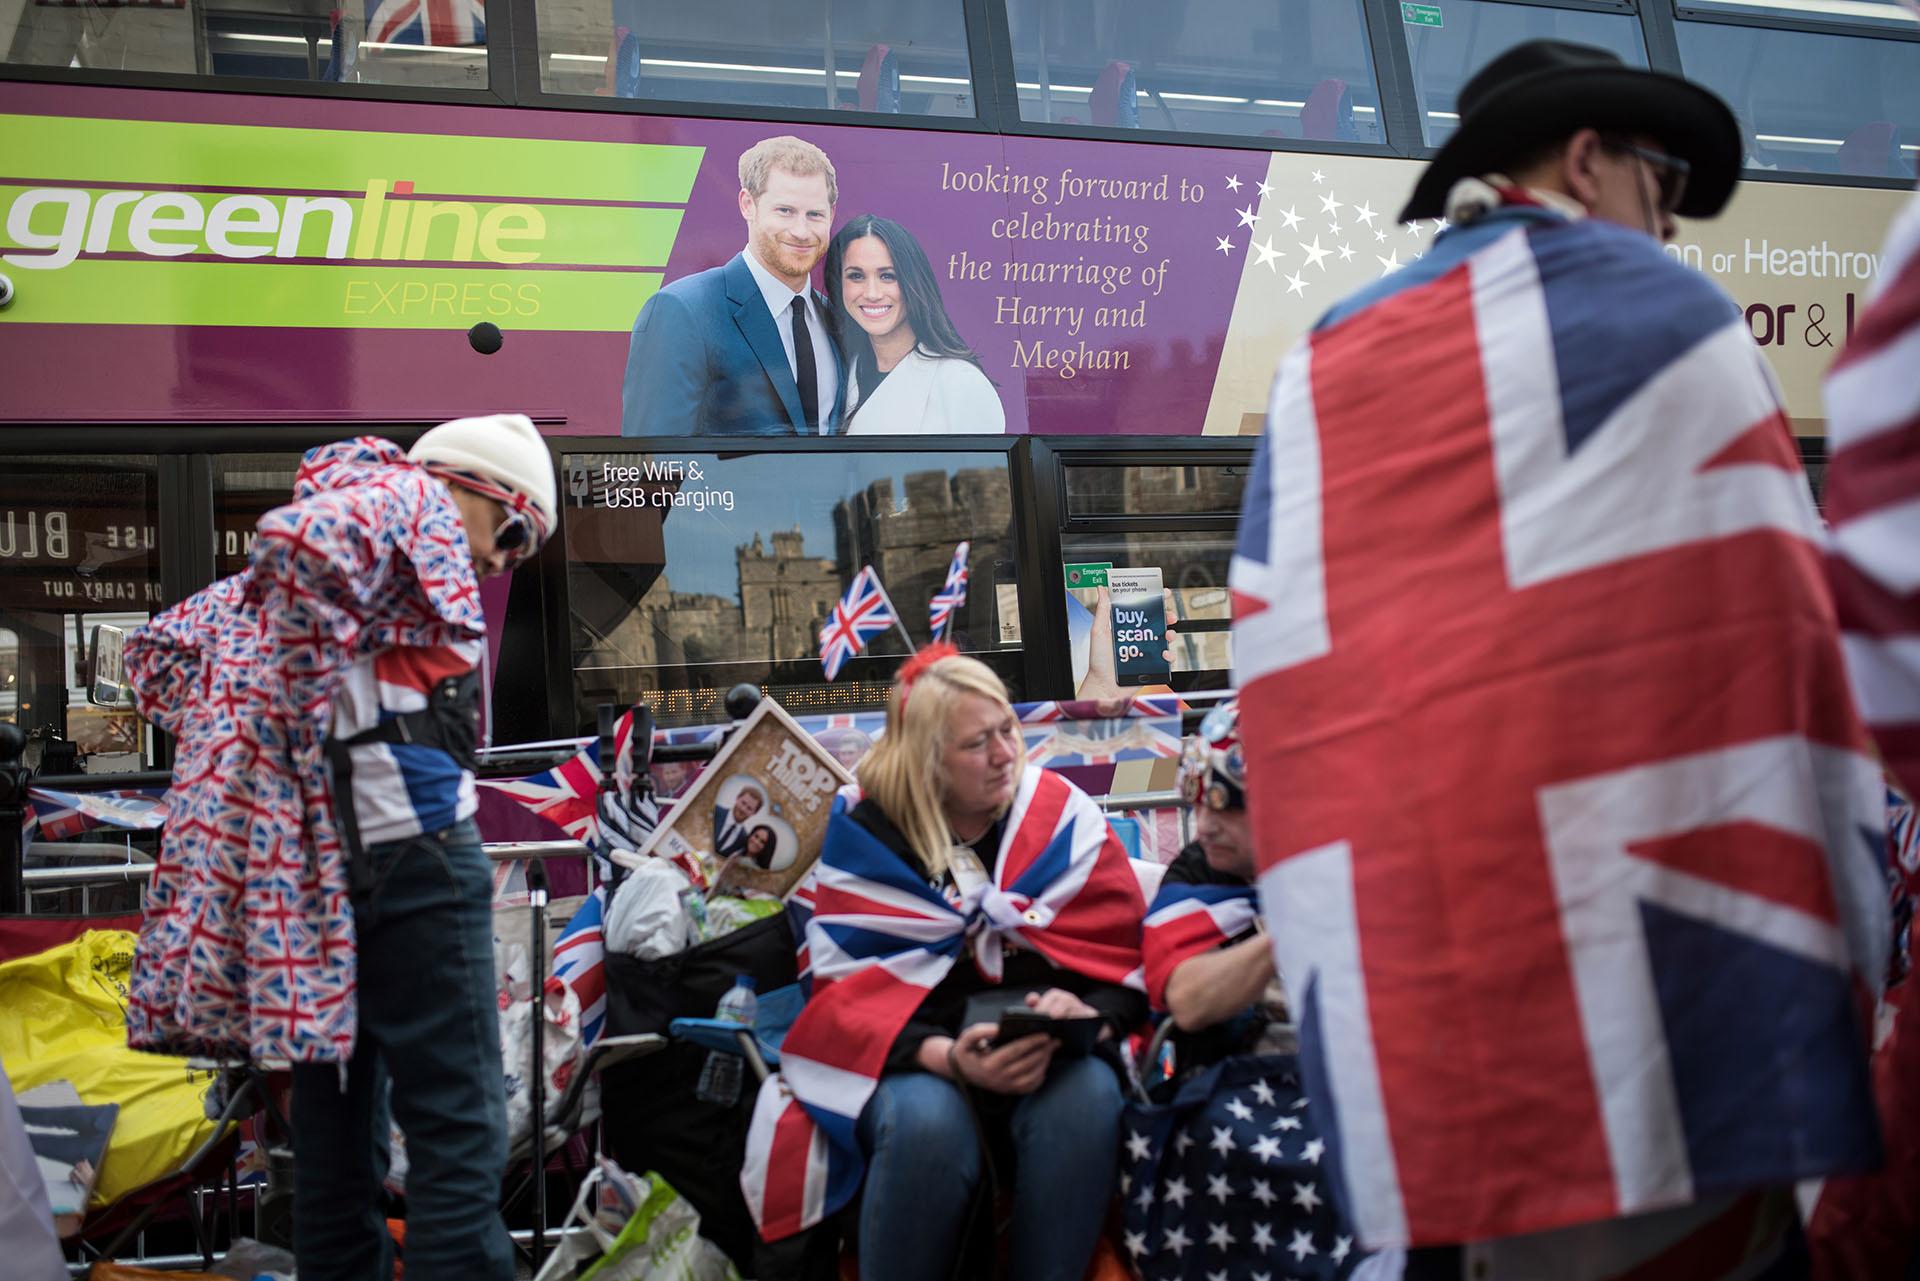 La imagen de los futuros duques de Sussex invadió hasta el transporte público